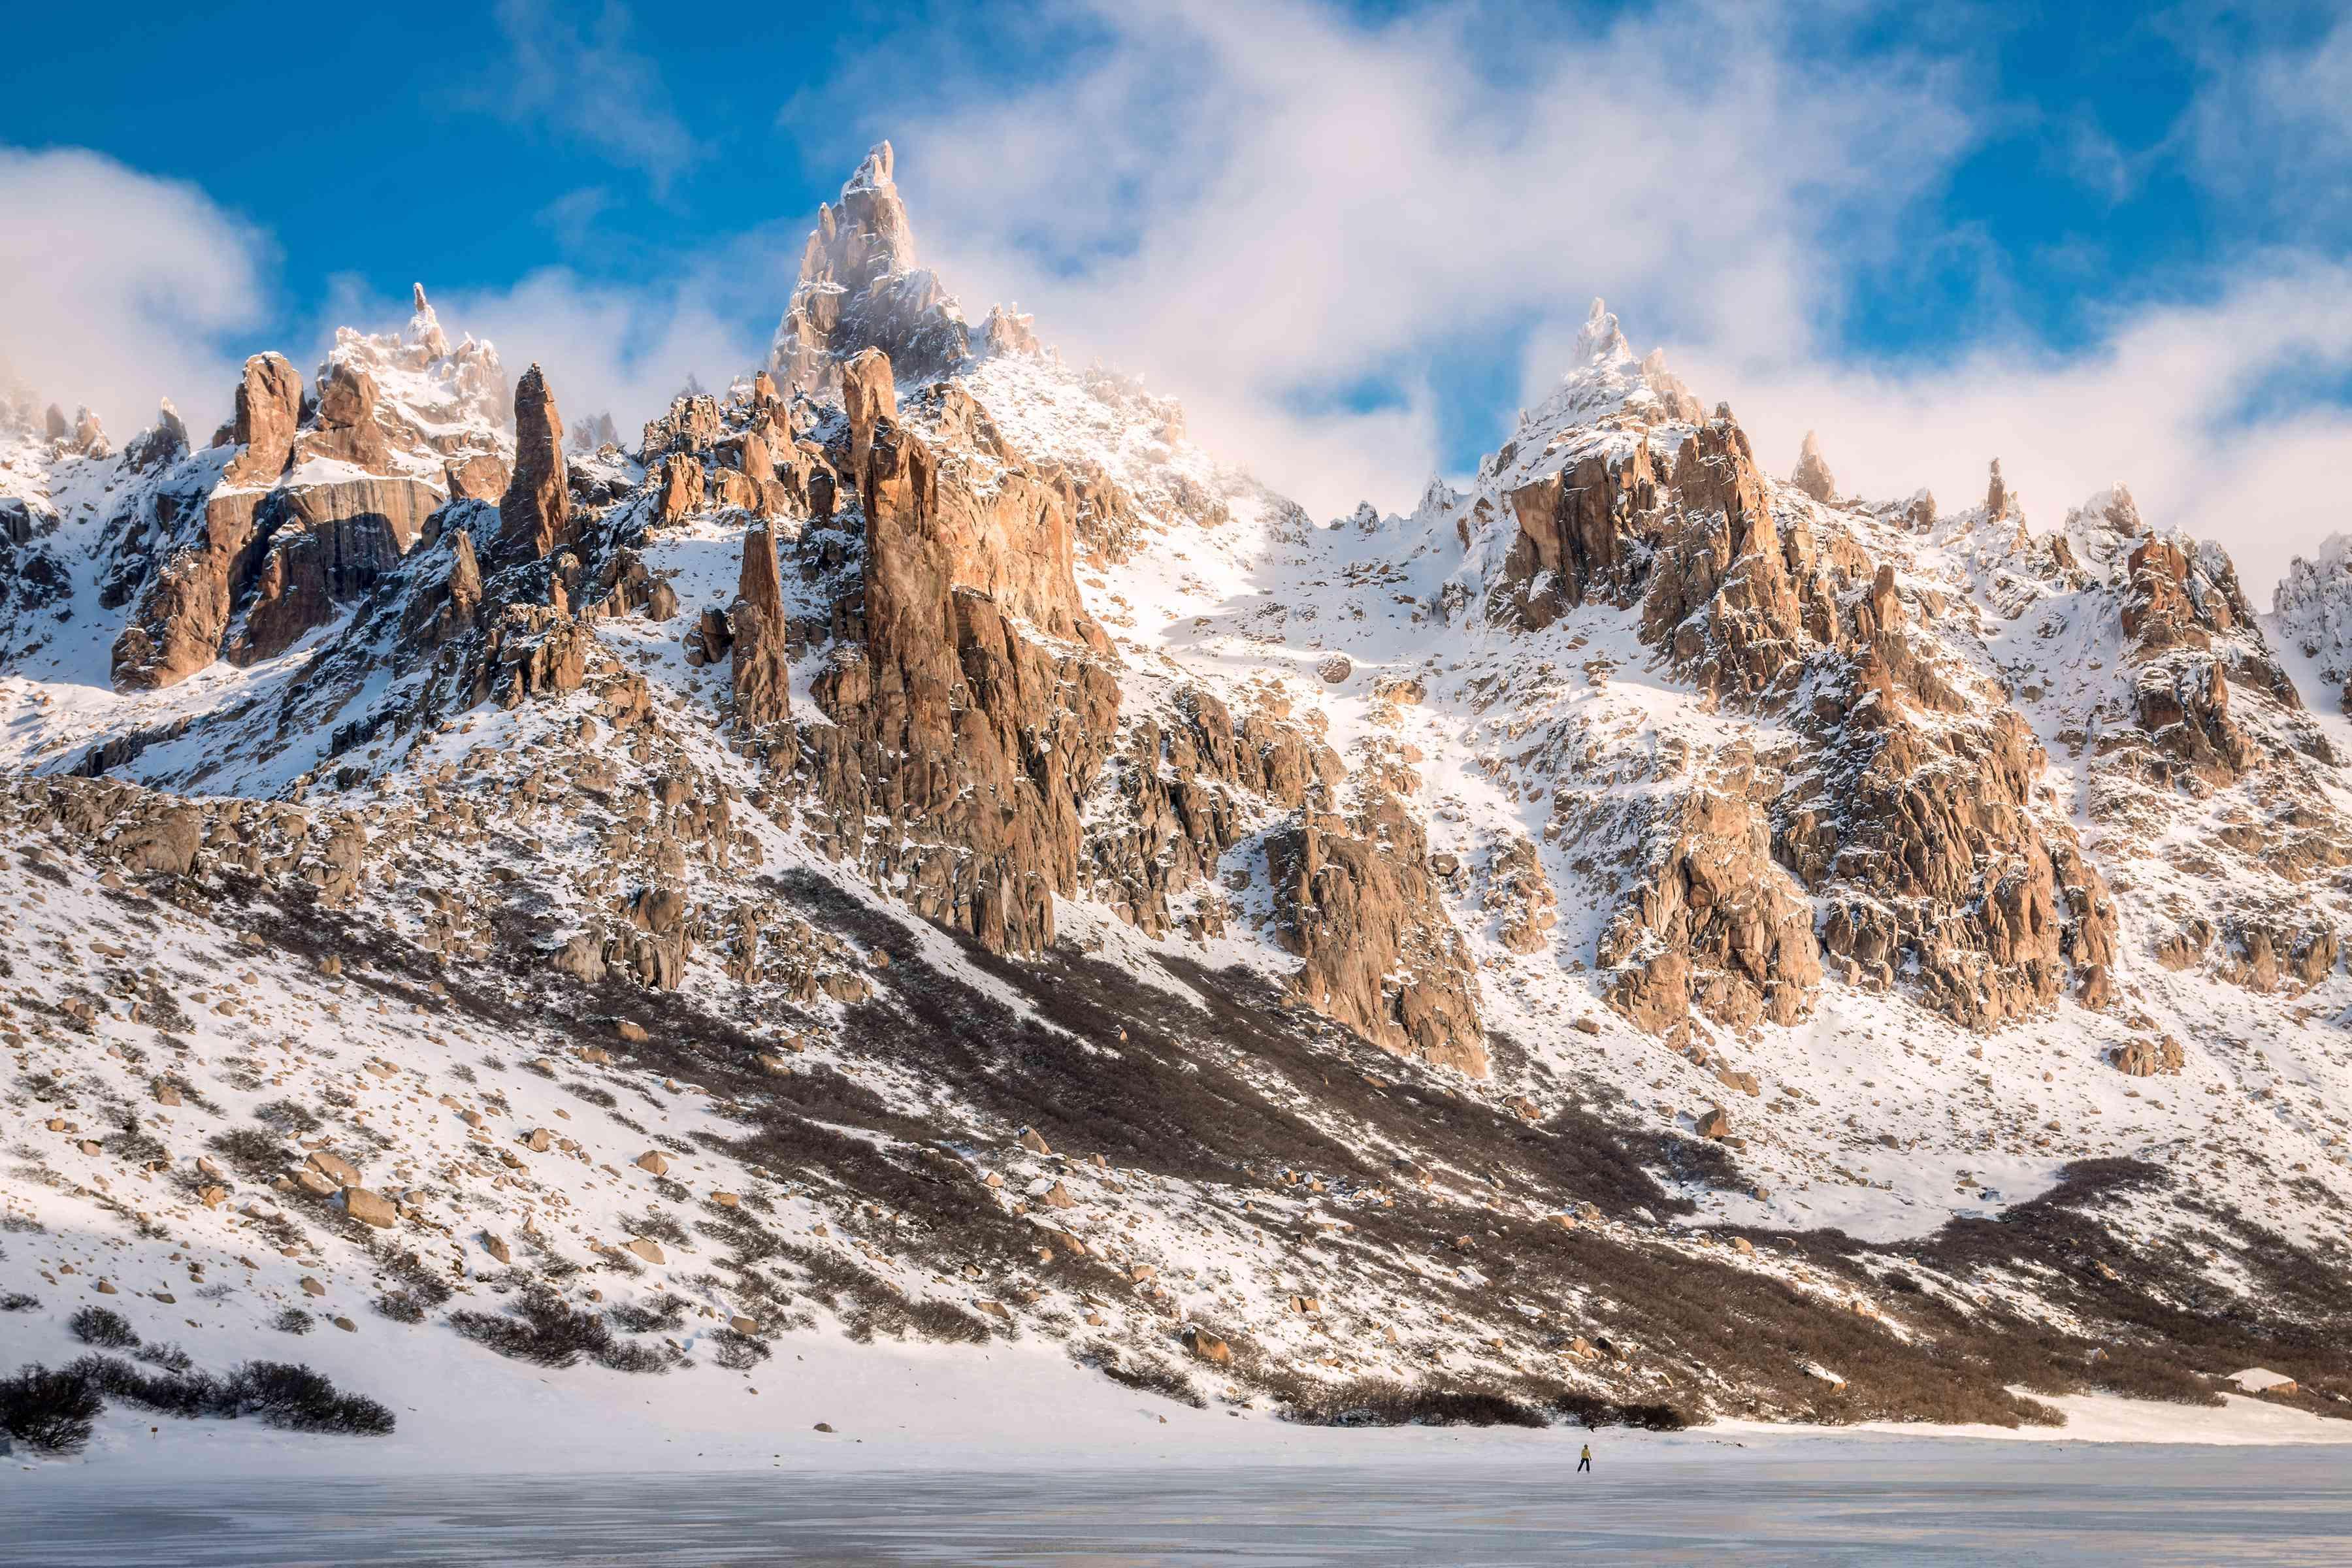 Frozen Lake at Refugio Frey